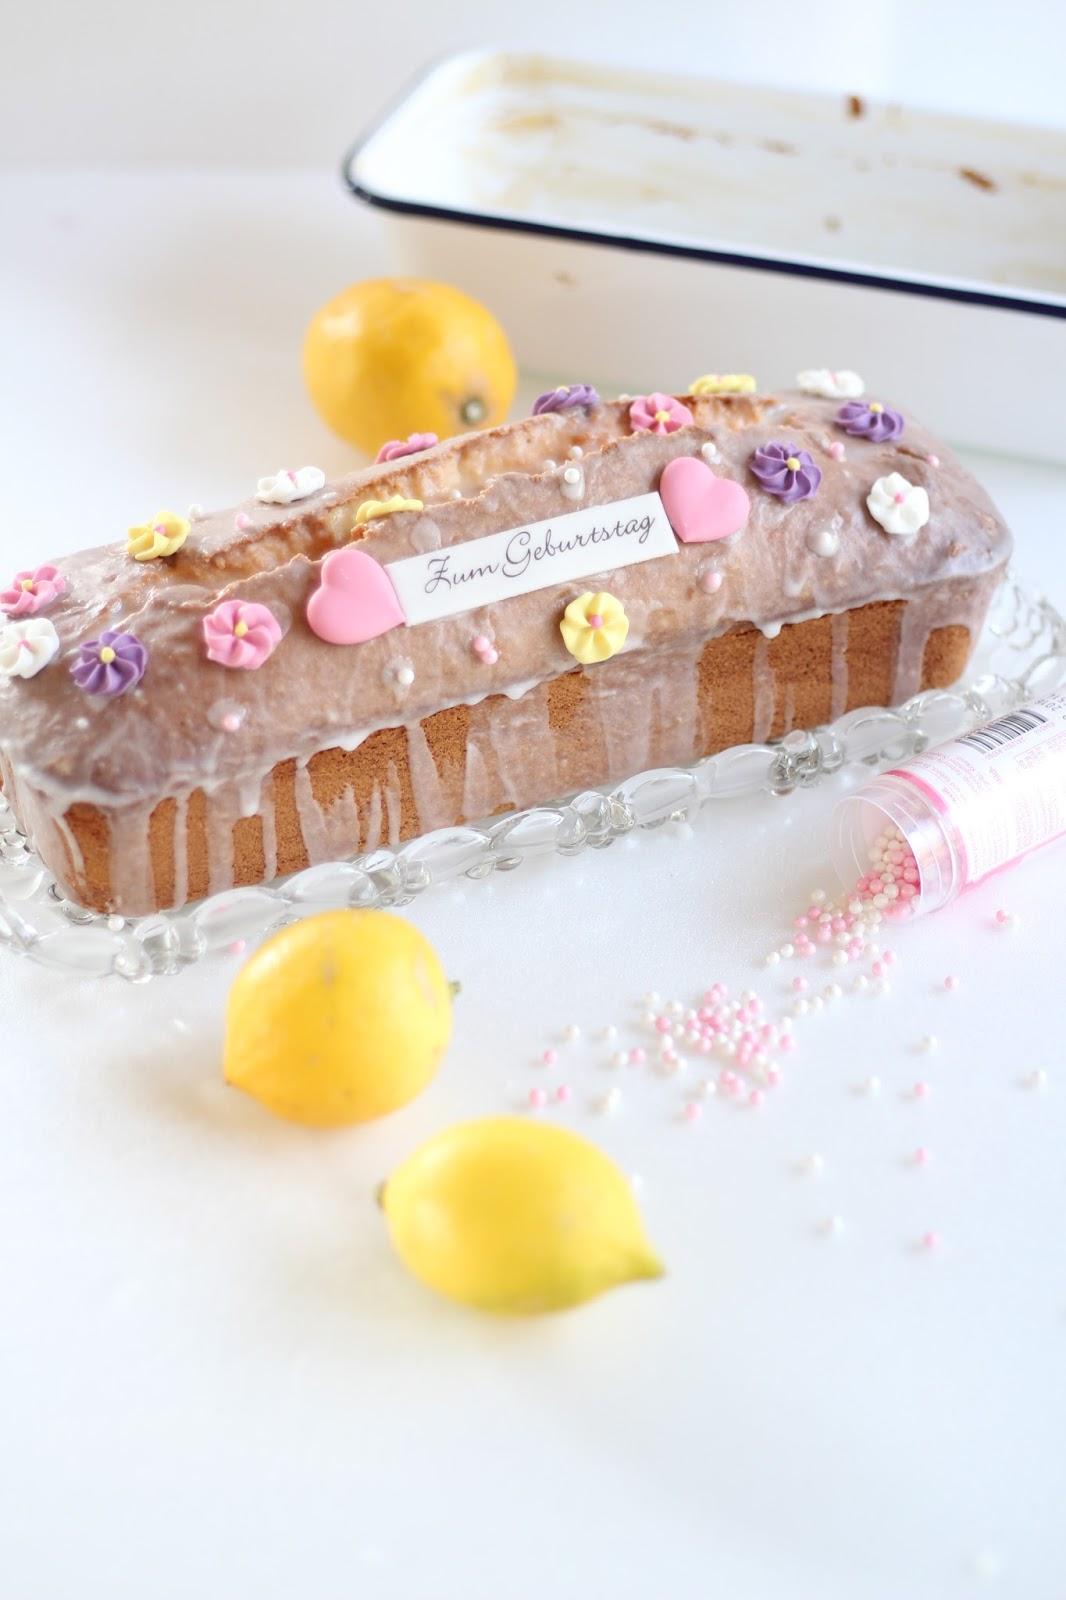 Sugarprincess: Saftiger Zitronenkuchen - einfaches, schnelles Rezept mit Video: Mein Geburtstagskuchen für Dorothea